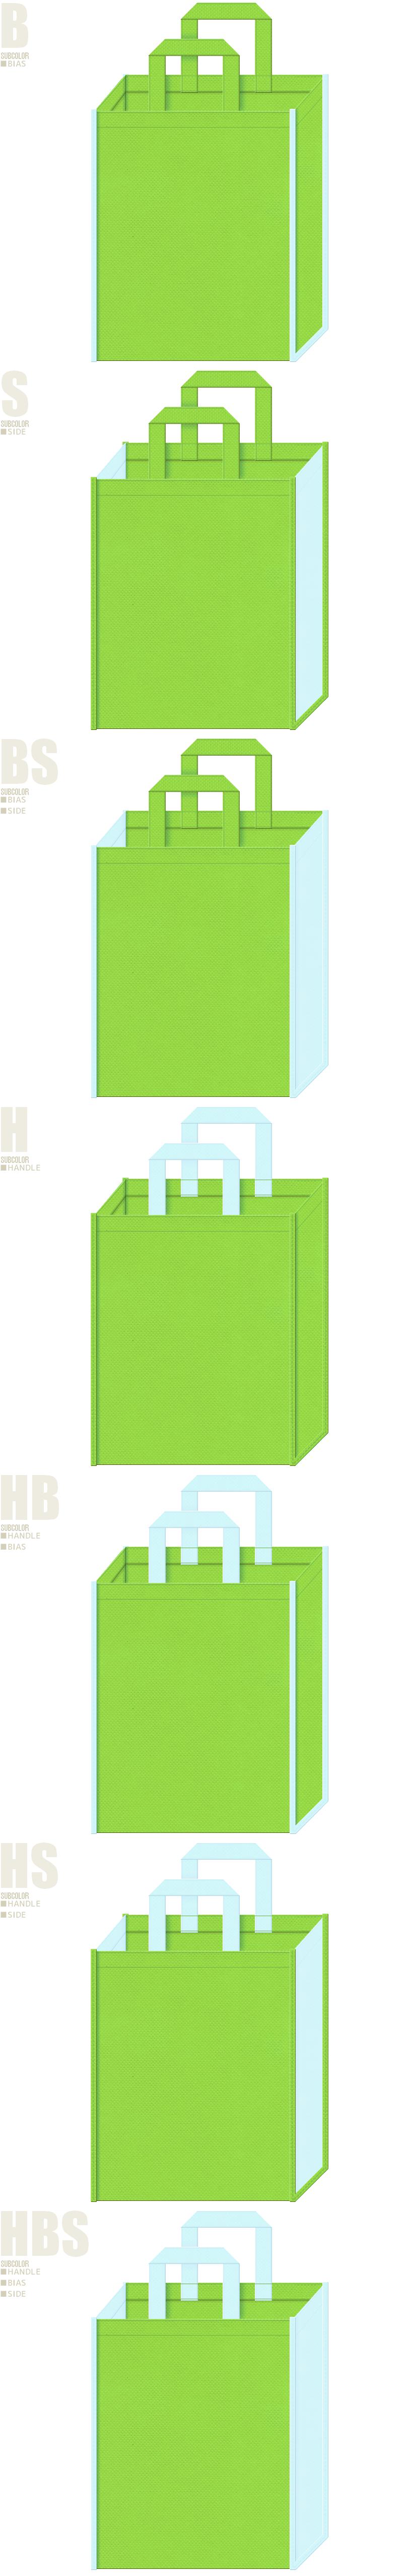 ロールプレイングゲーム・夏休み・避暑地・水と環境・水資源・環境イベント・潤い・ナチュラル・水草・ビオトープ・水田・稲・水耕栽培・野菜工場・芝生・スプリンクラー・散水用具・噴水・エクステリアの展示会用バッグにお奨め不織布バッグデザイン:黄緑色と水色の配色7パターン